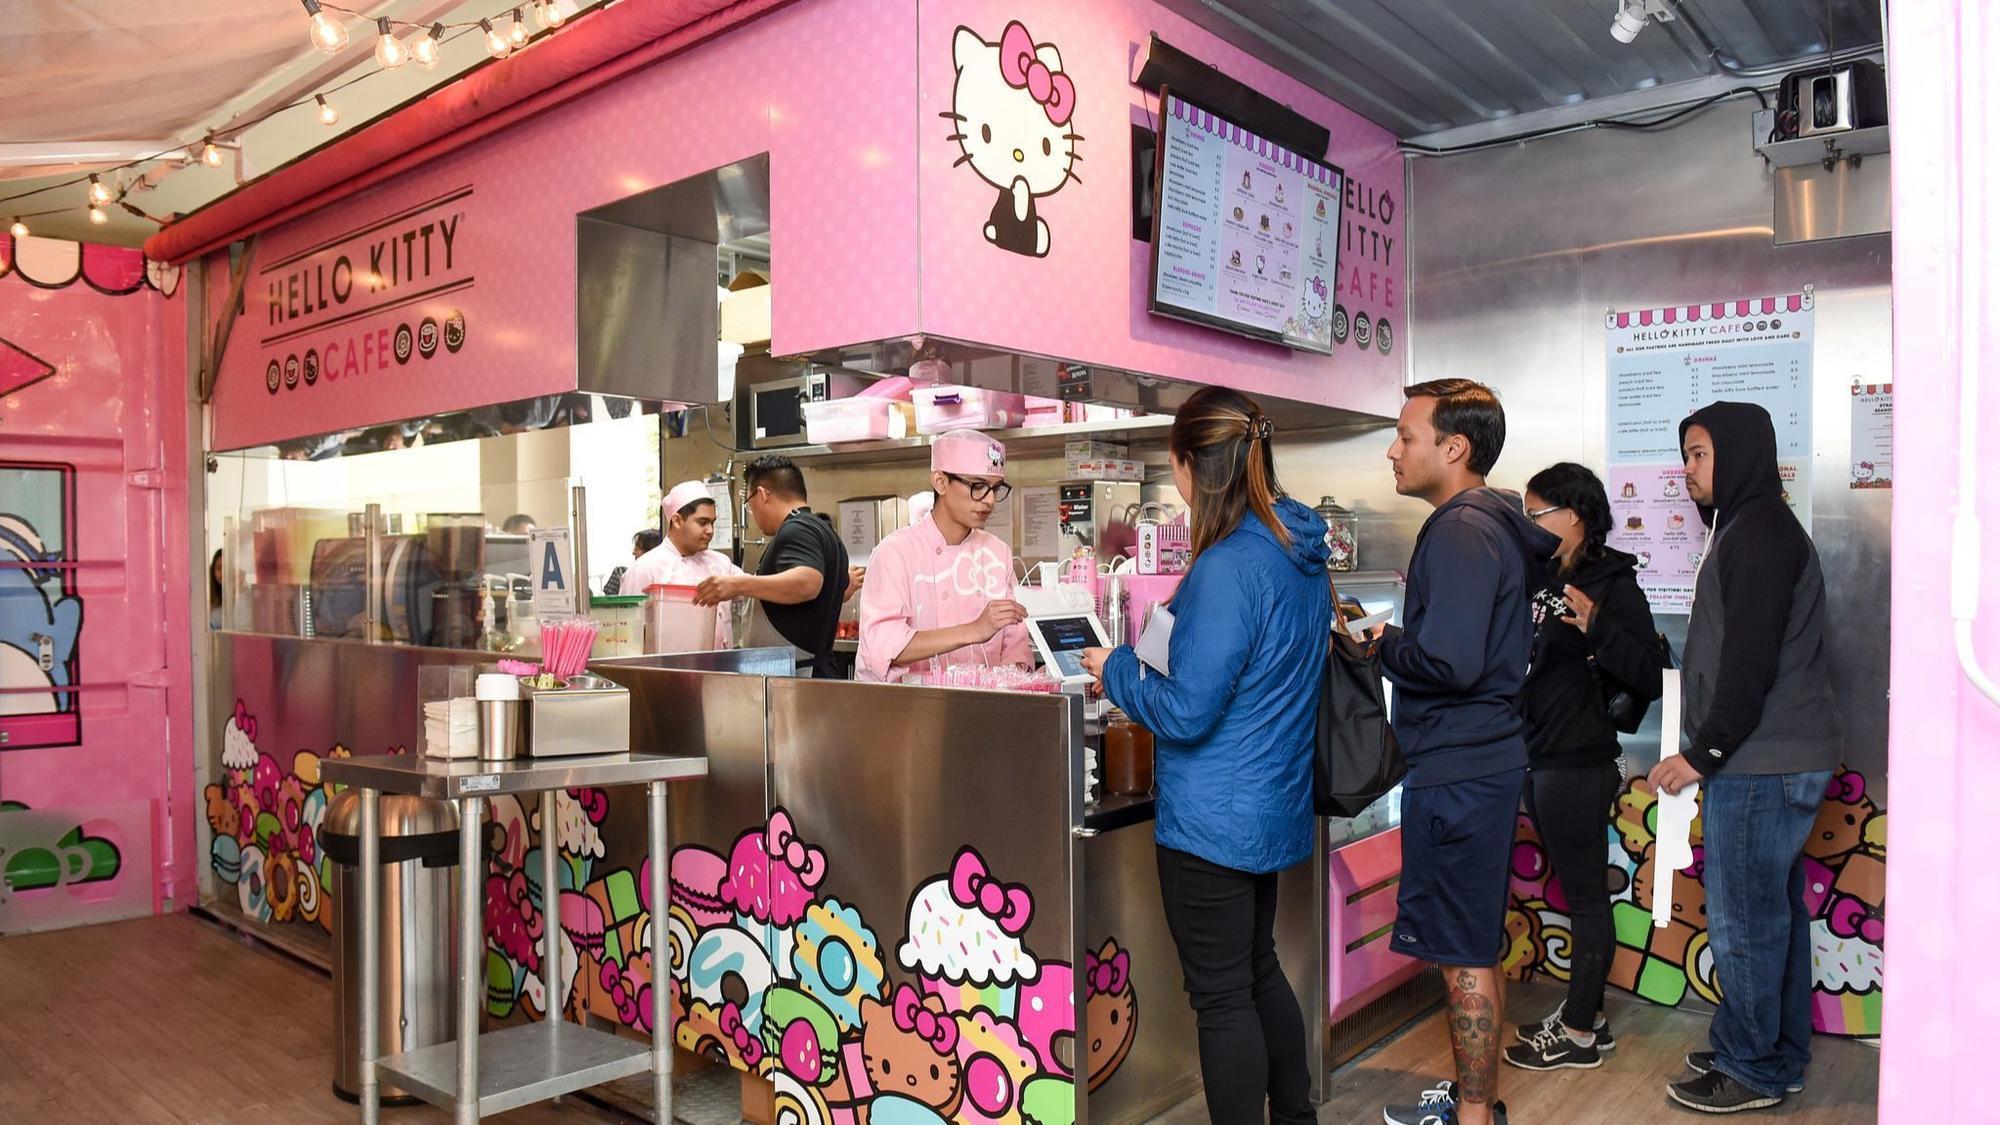 Secret Cafe Food Truck Menu